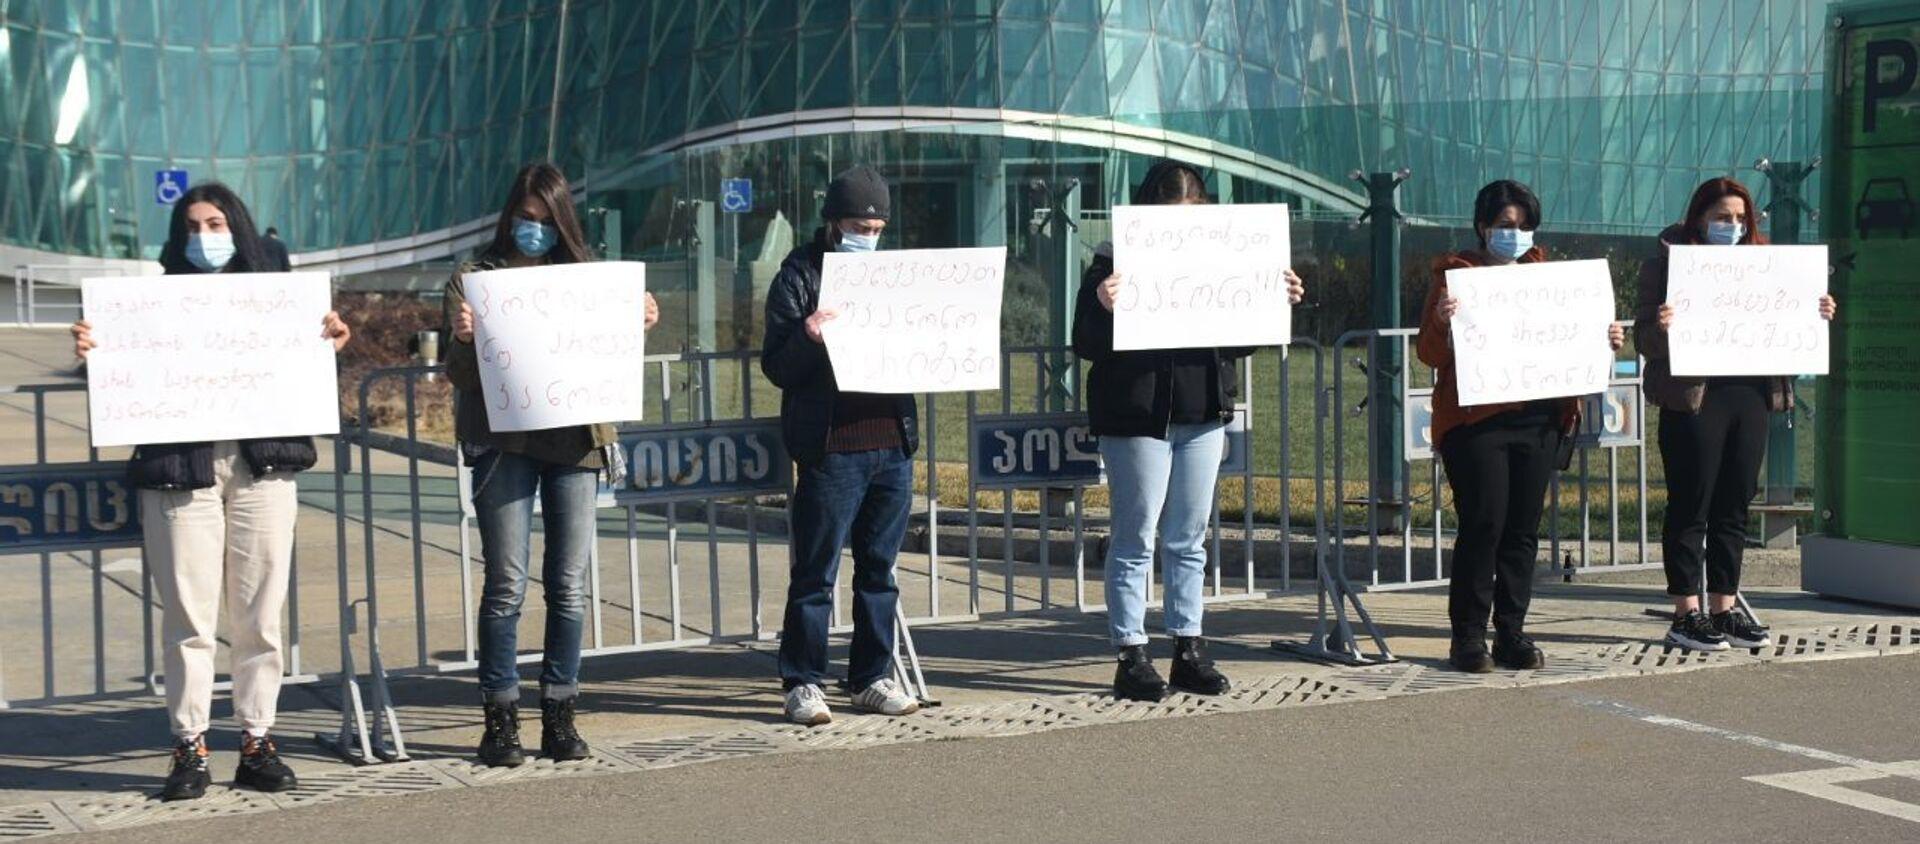 Представители движения Солидарность провели акцию протеста у МВД Грузии 10 февраля 2021 года - Sputnik Грузия, 1920, 10.02.2021